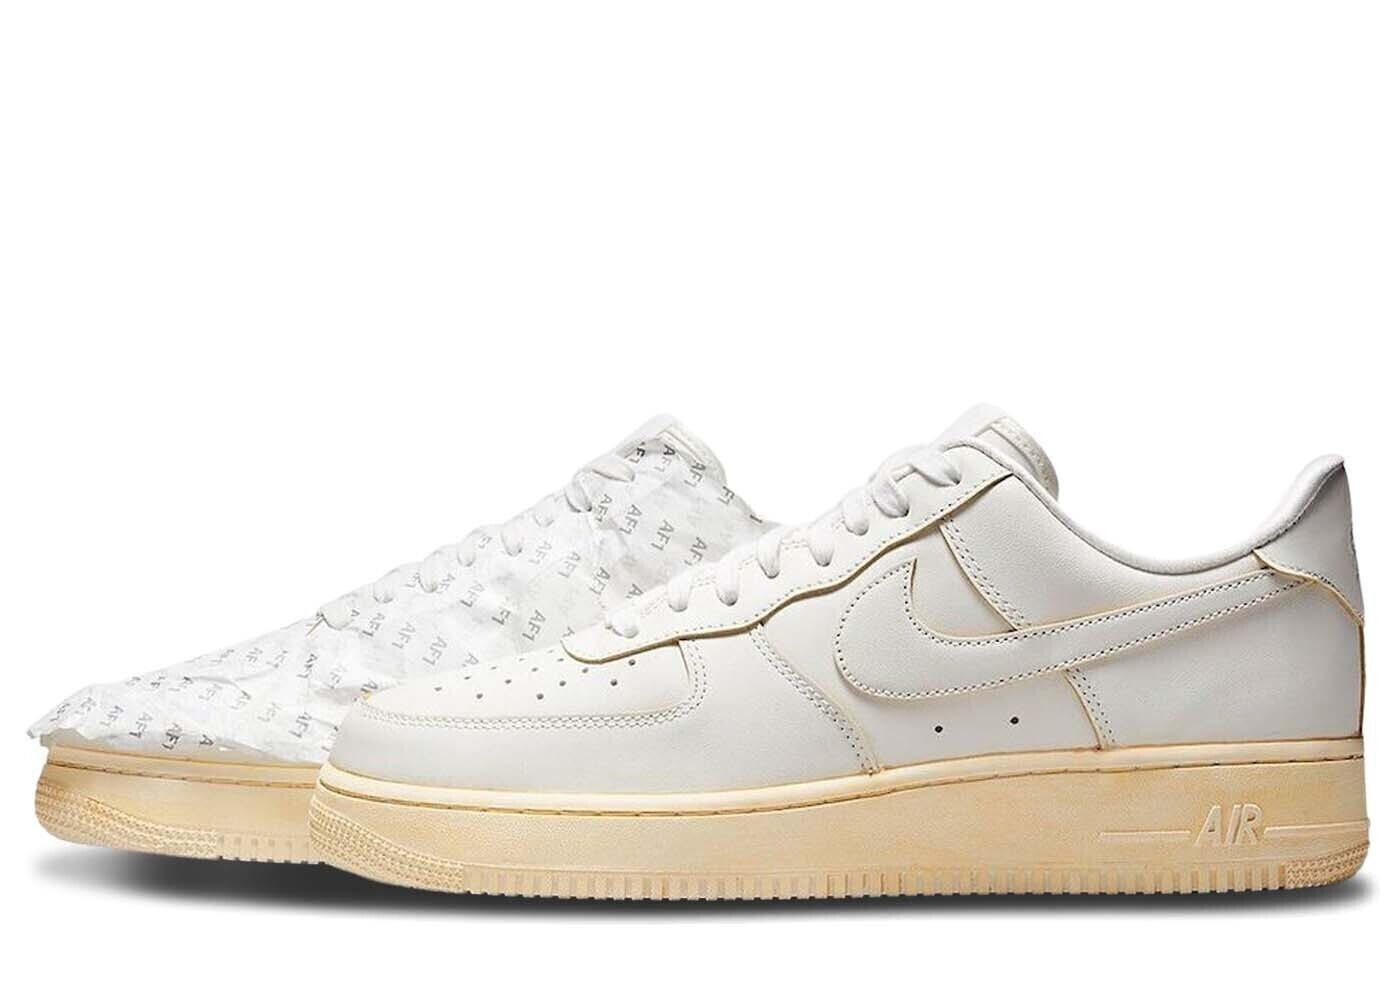 Nike Air Force 1 '07 LV8 Keep EM Freshの写真